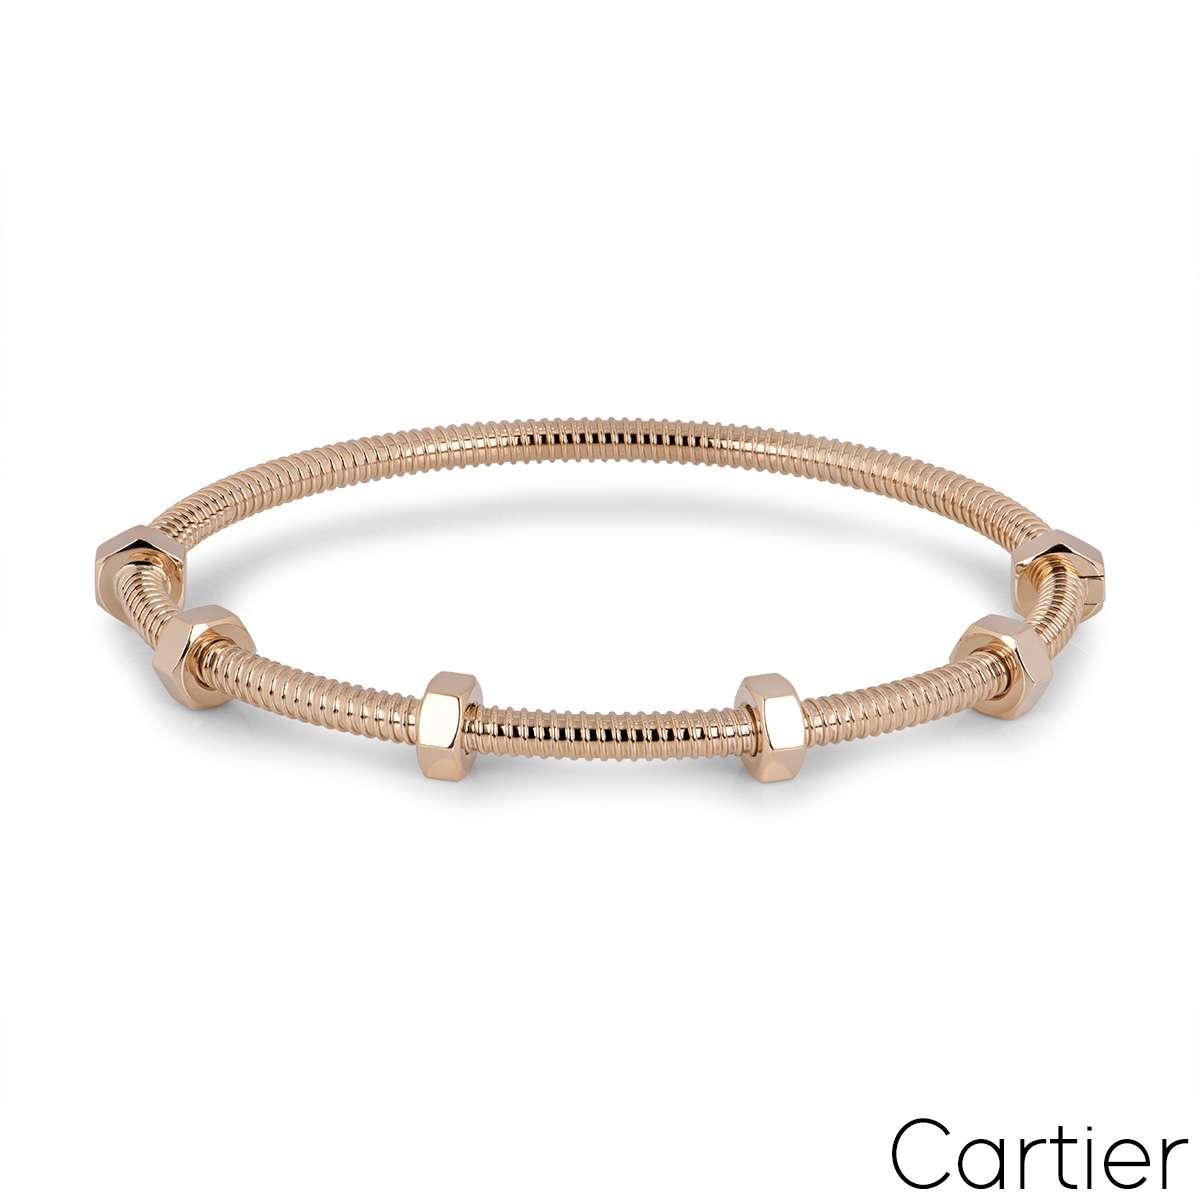 Cartier Rose Gold Ecrou De Cartier Bracelet Size 20 B6049520